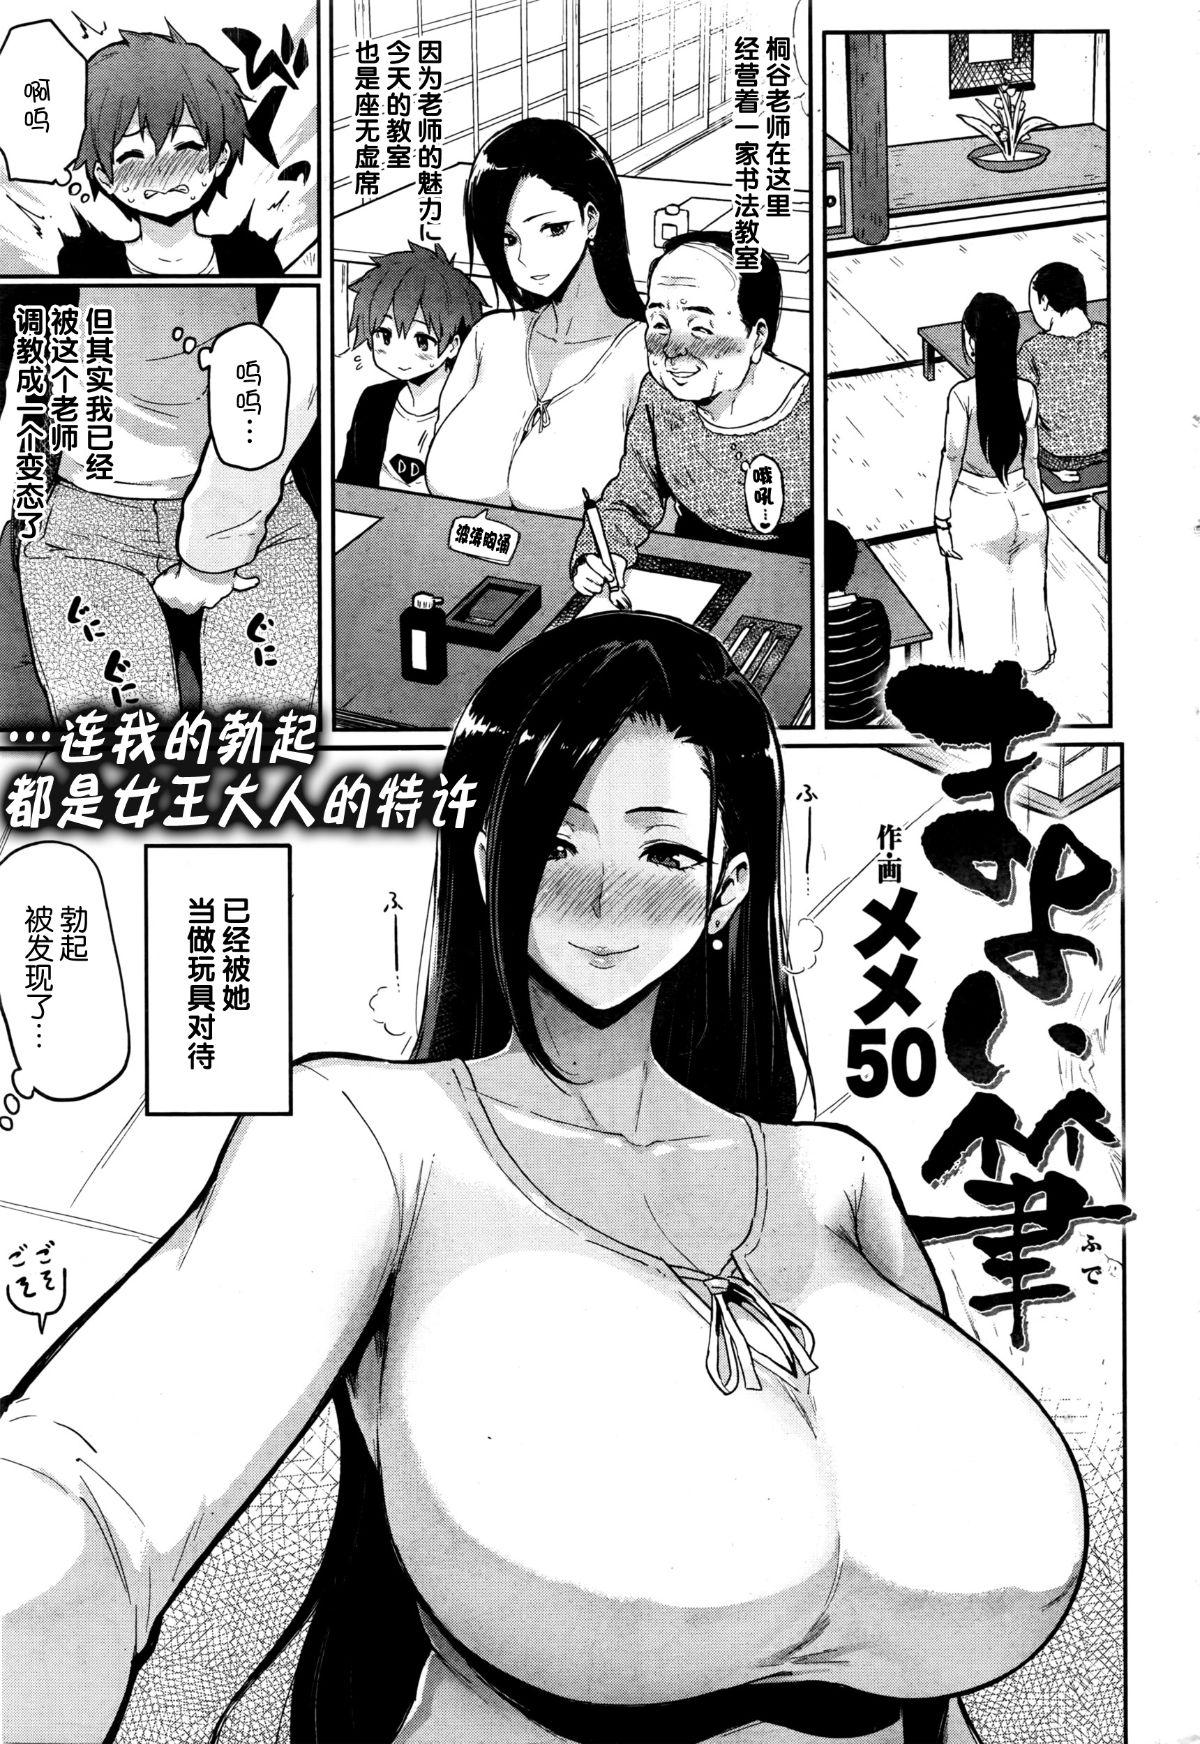 [メメ50] まよい筆 [喪屍漢化](21P) - 情色卡漫 -